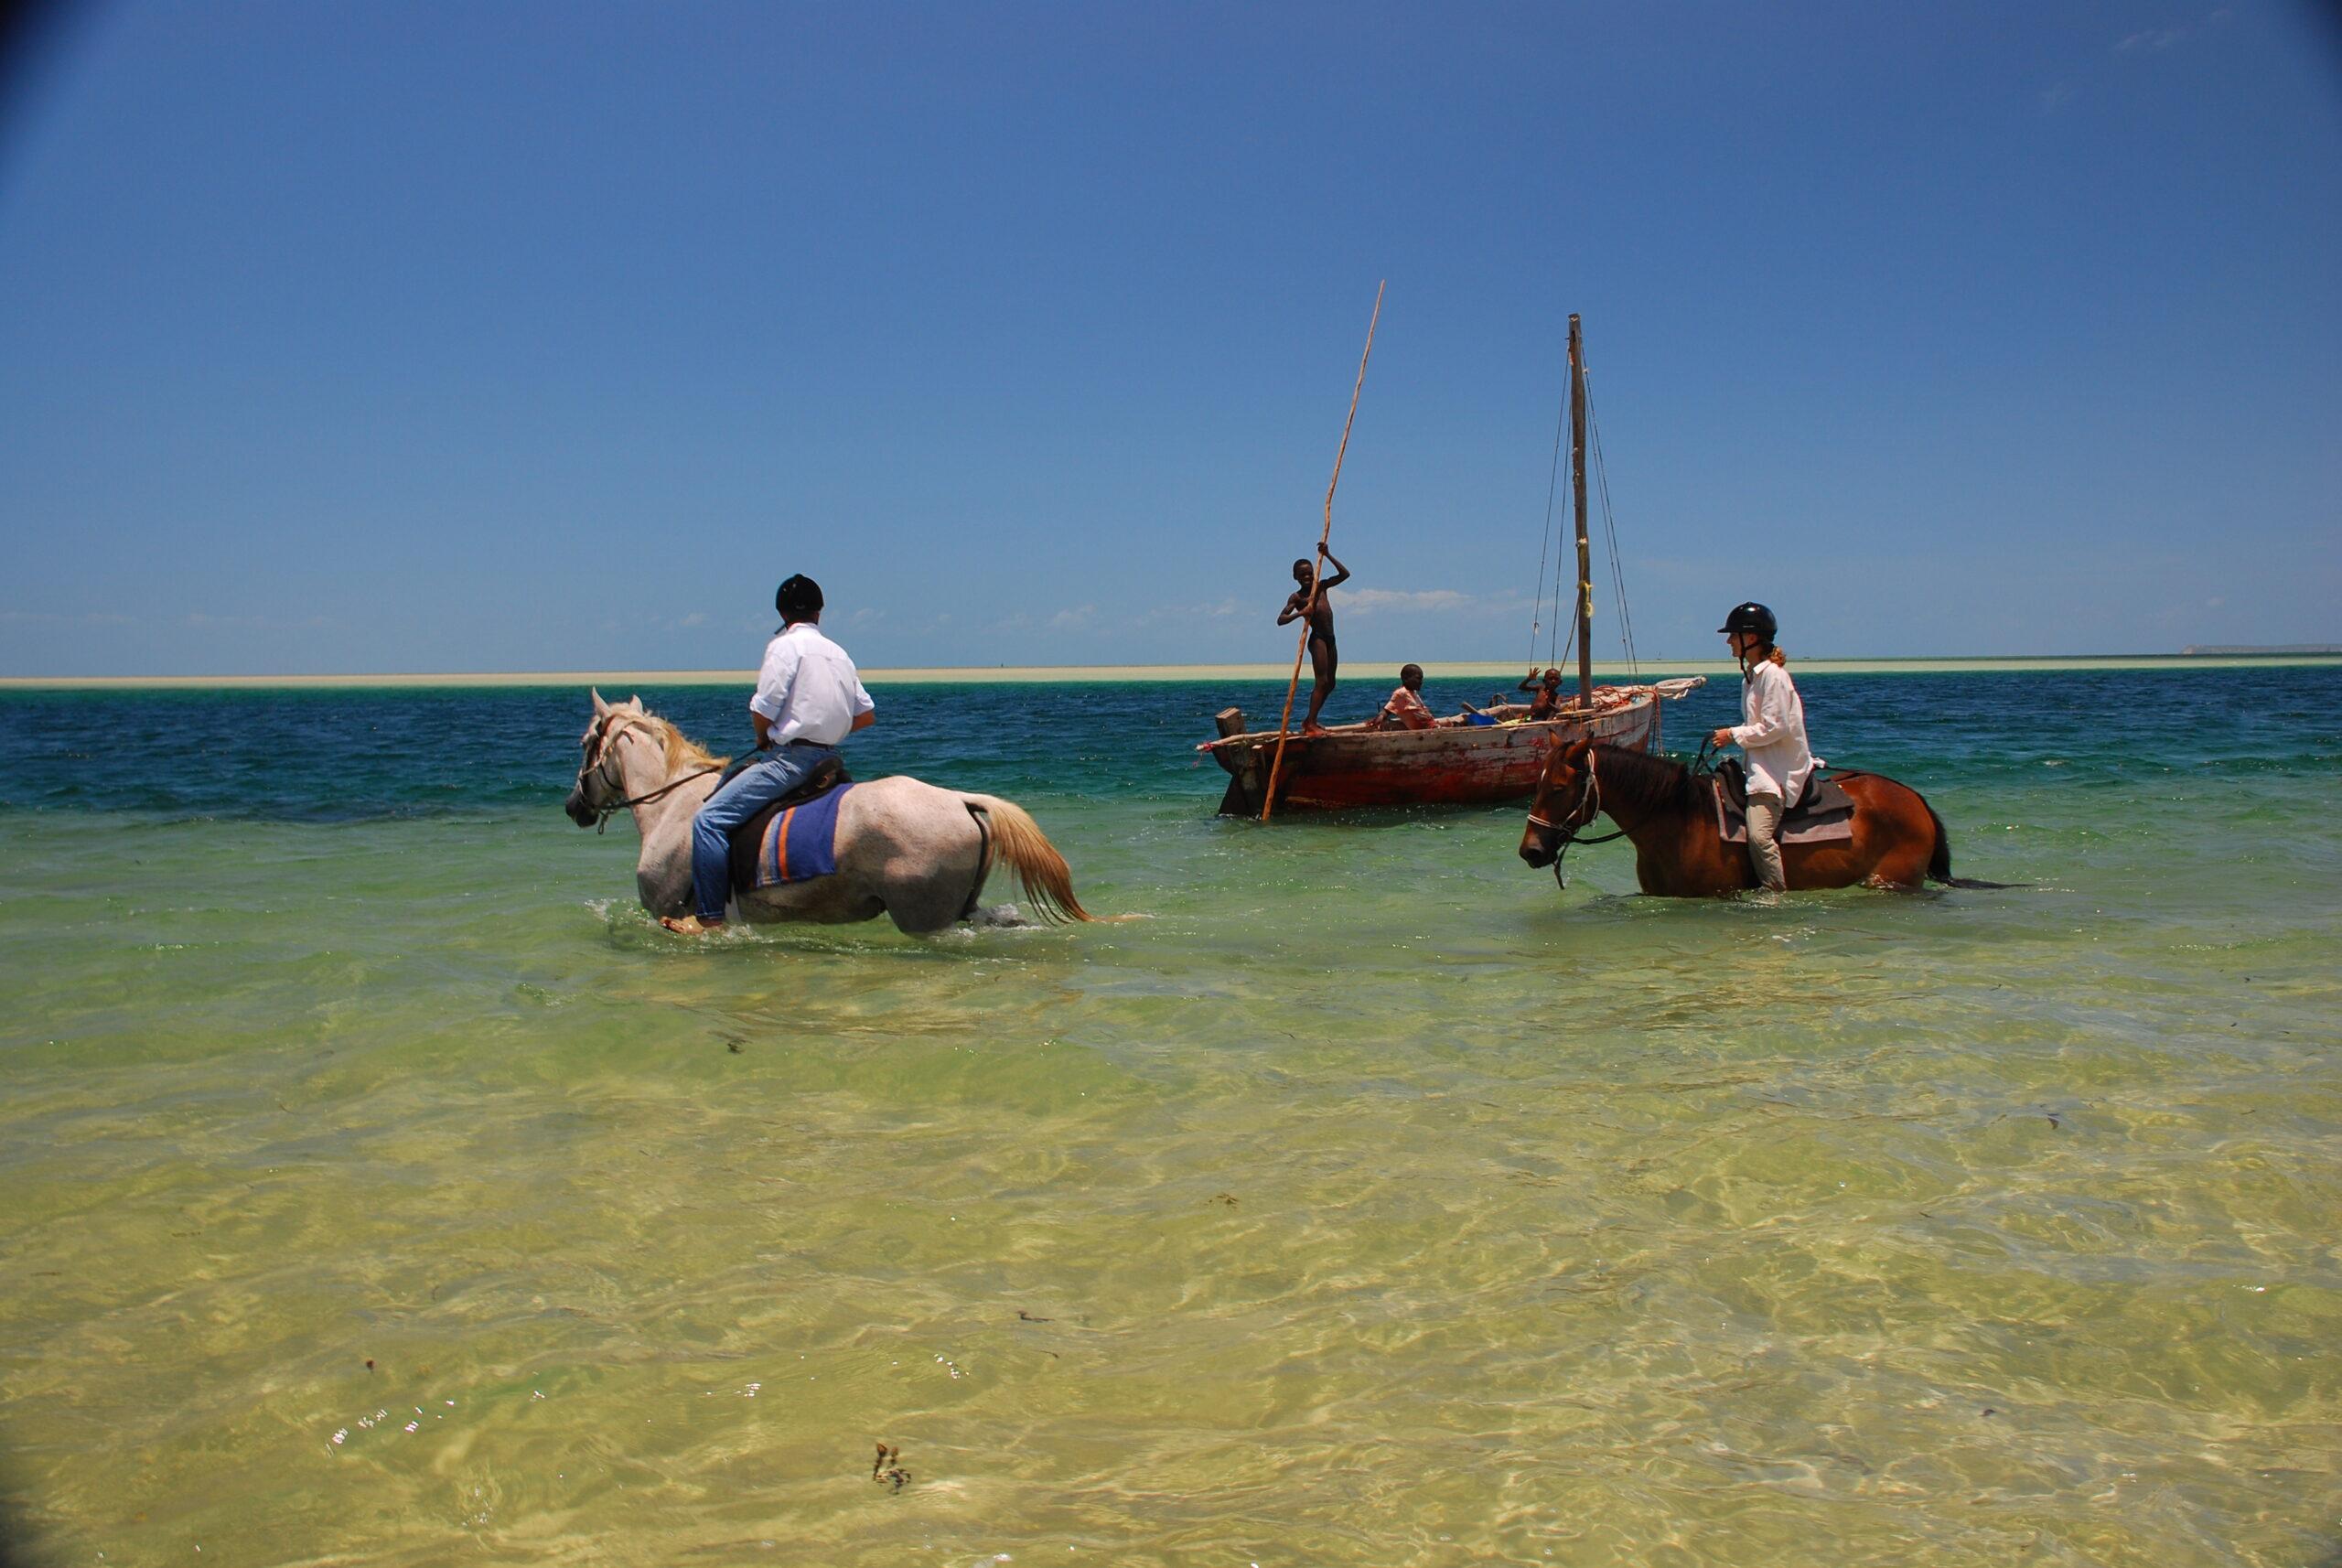 Exotische Stranden in Mozambique - Vakantie te paard / Reisbureau Perlan